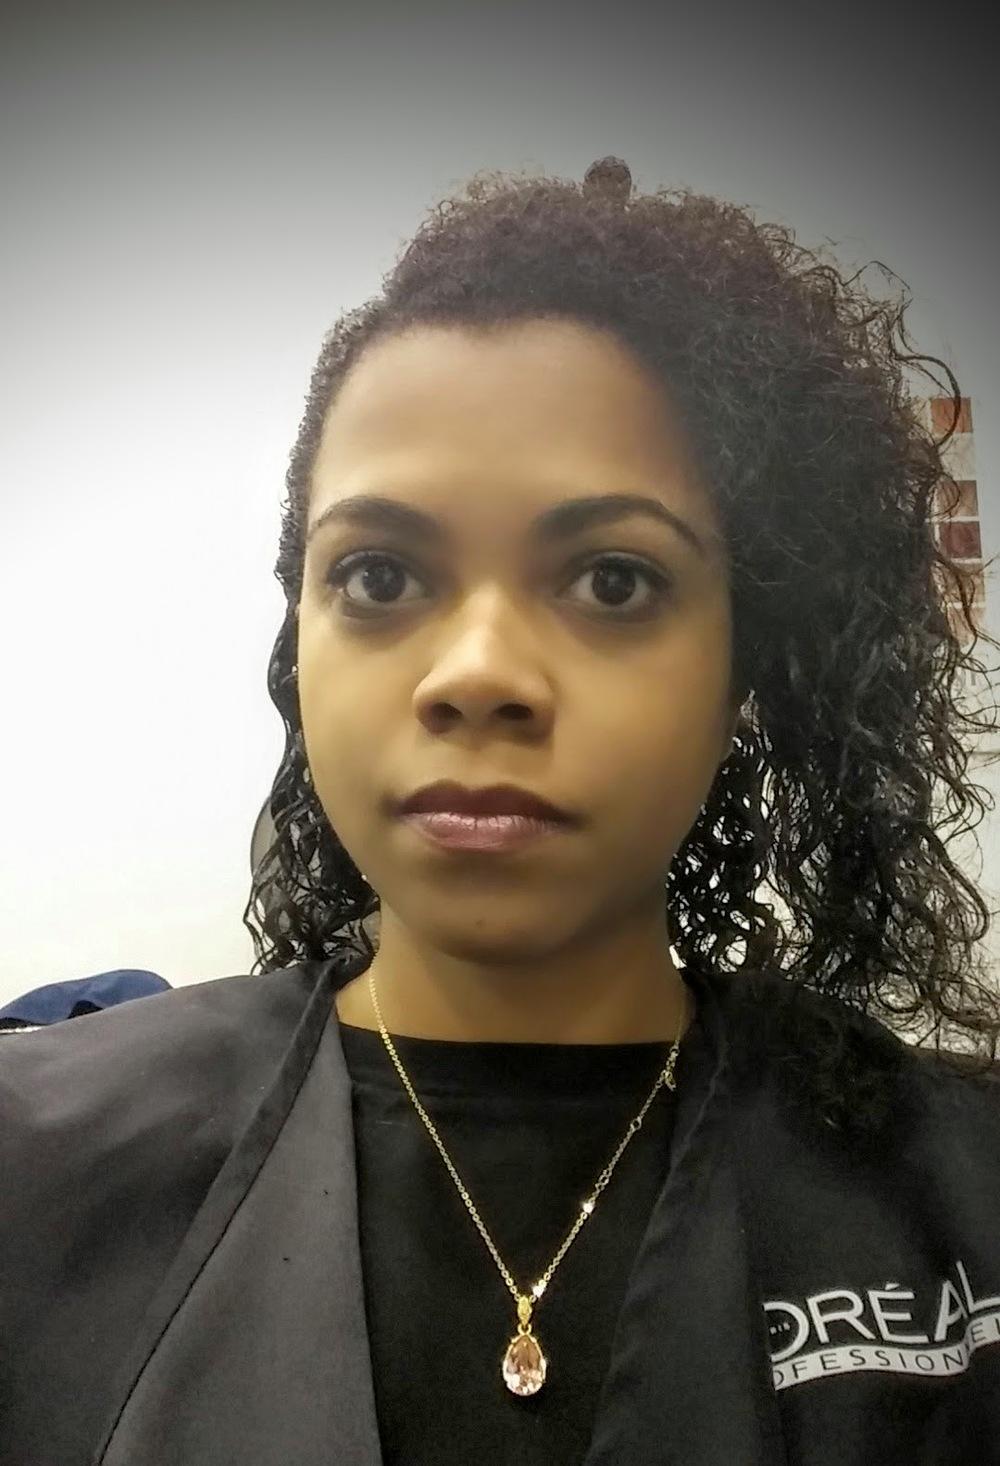 Mes cheveux après les shampoings, ouhhh ça sent la frisette !